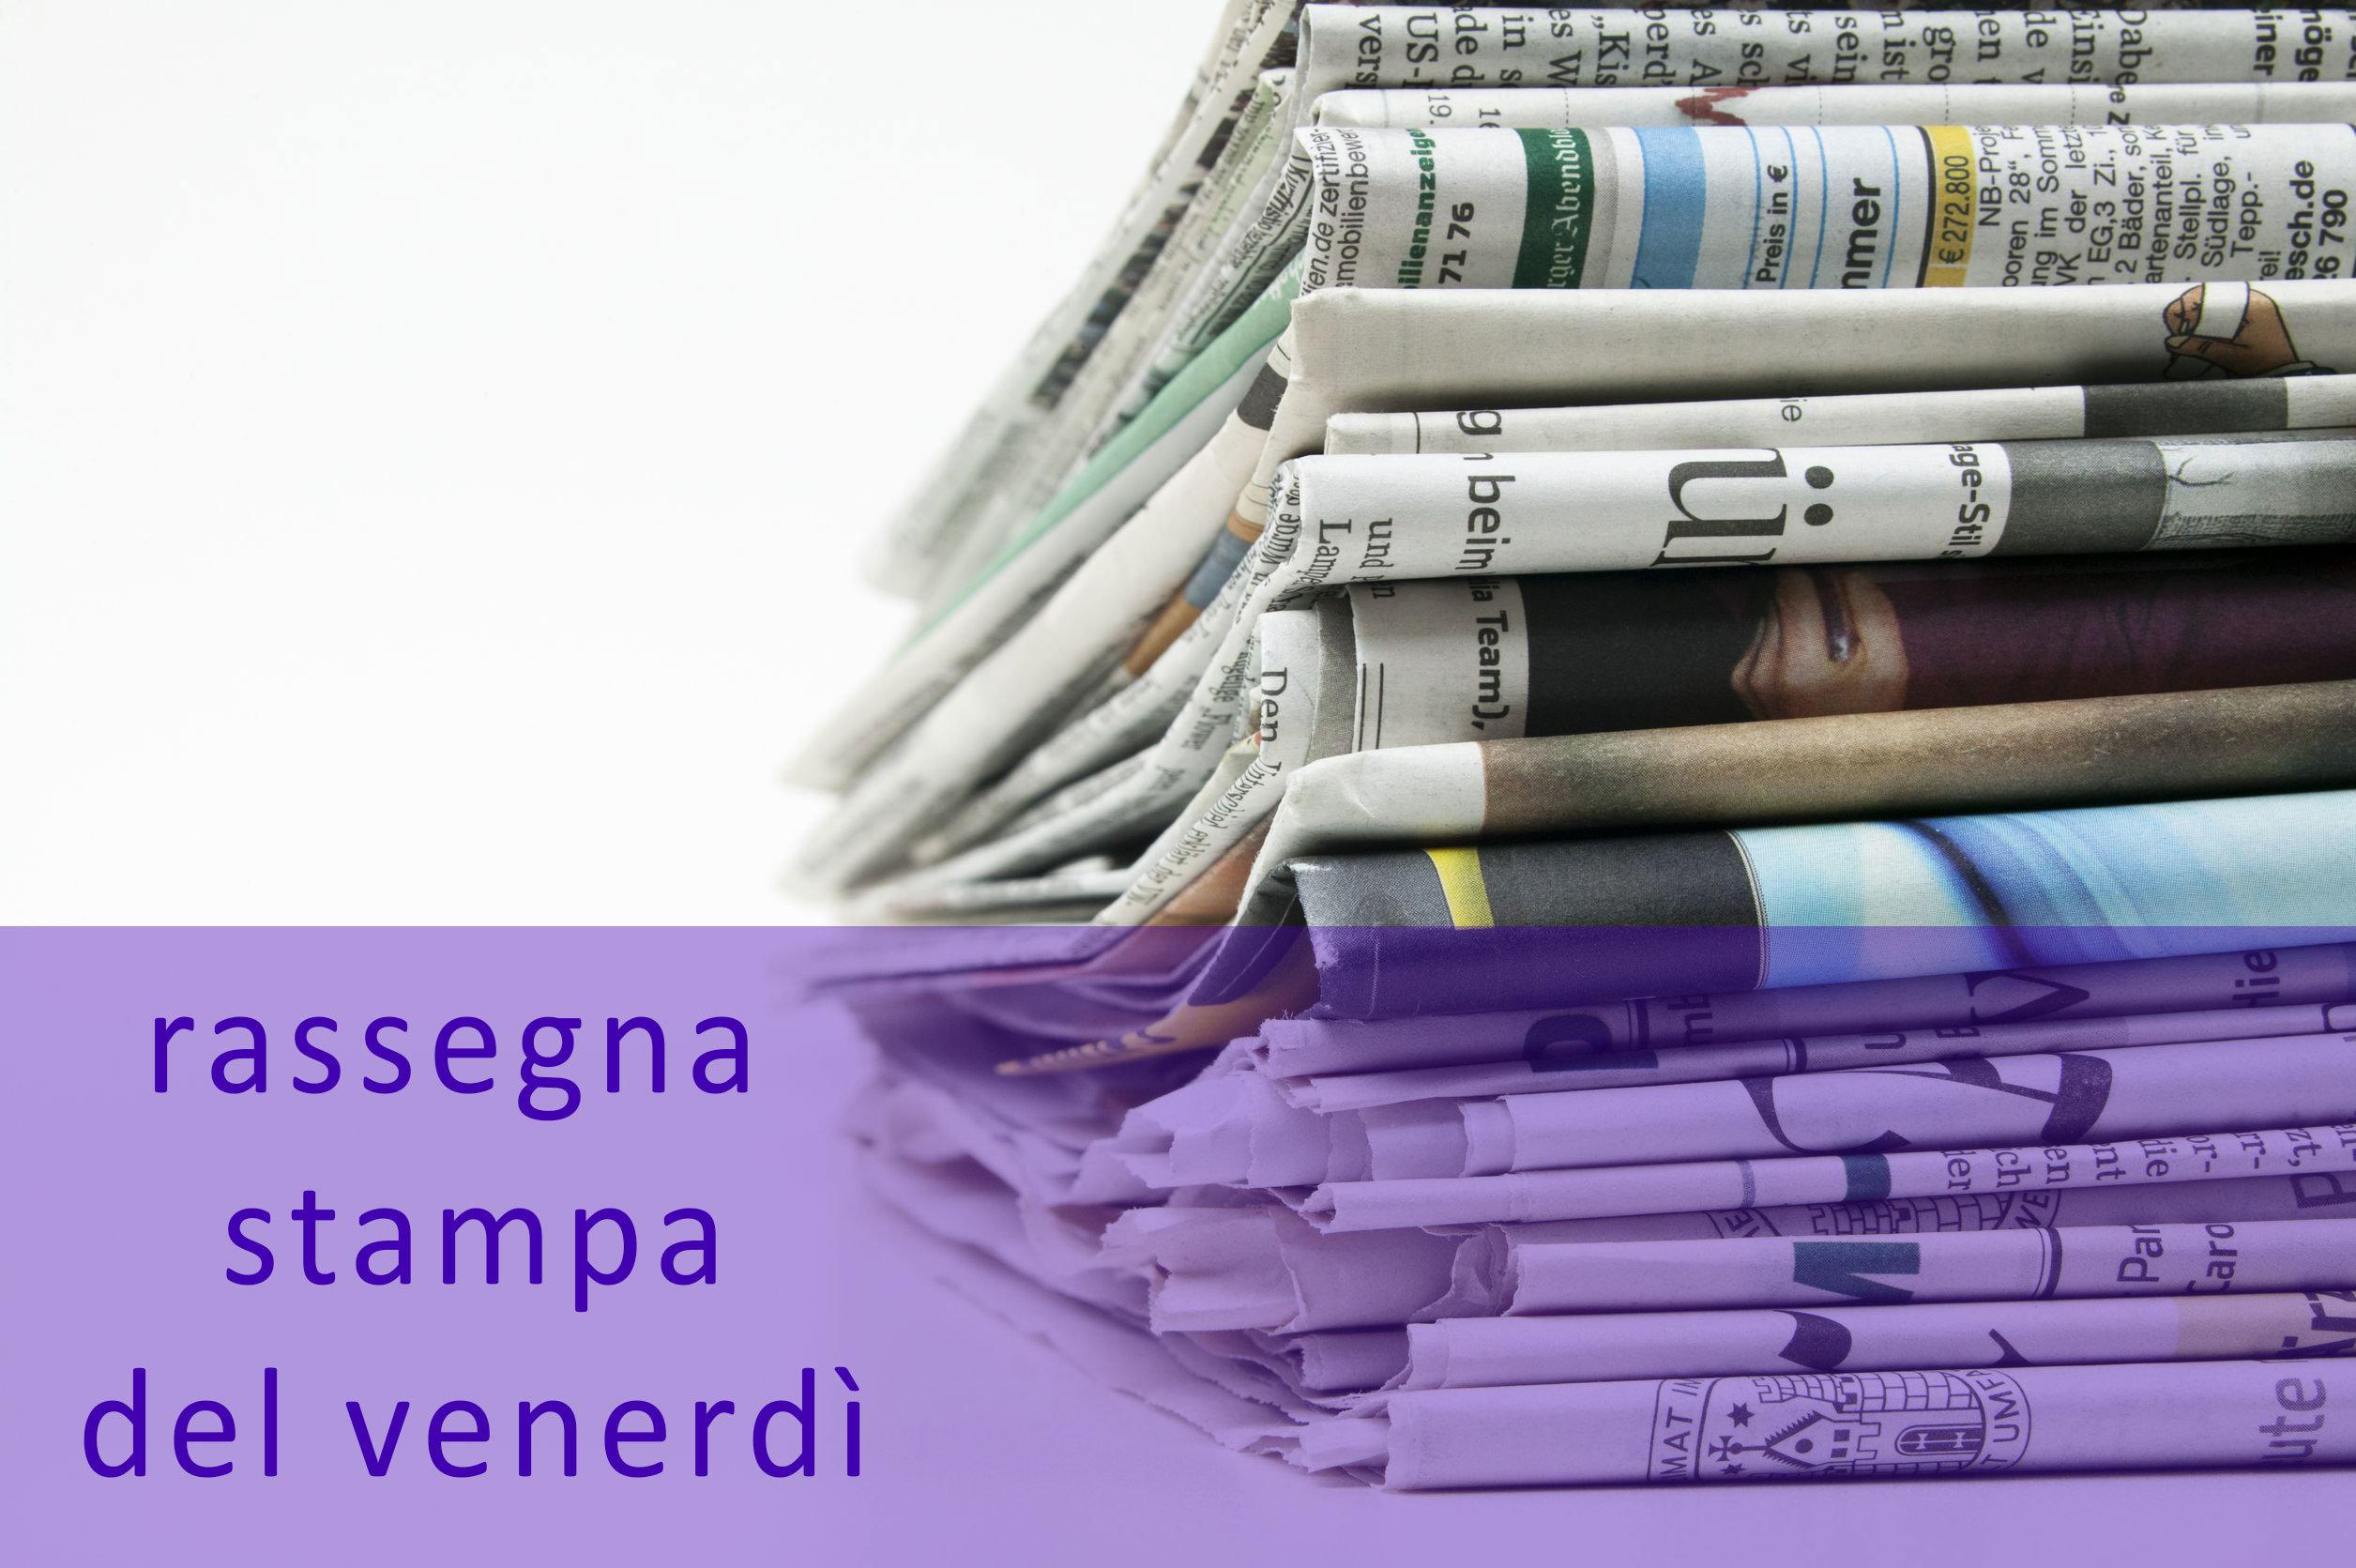 Rassegna stampa del 12 febbraio